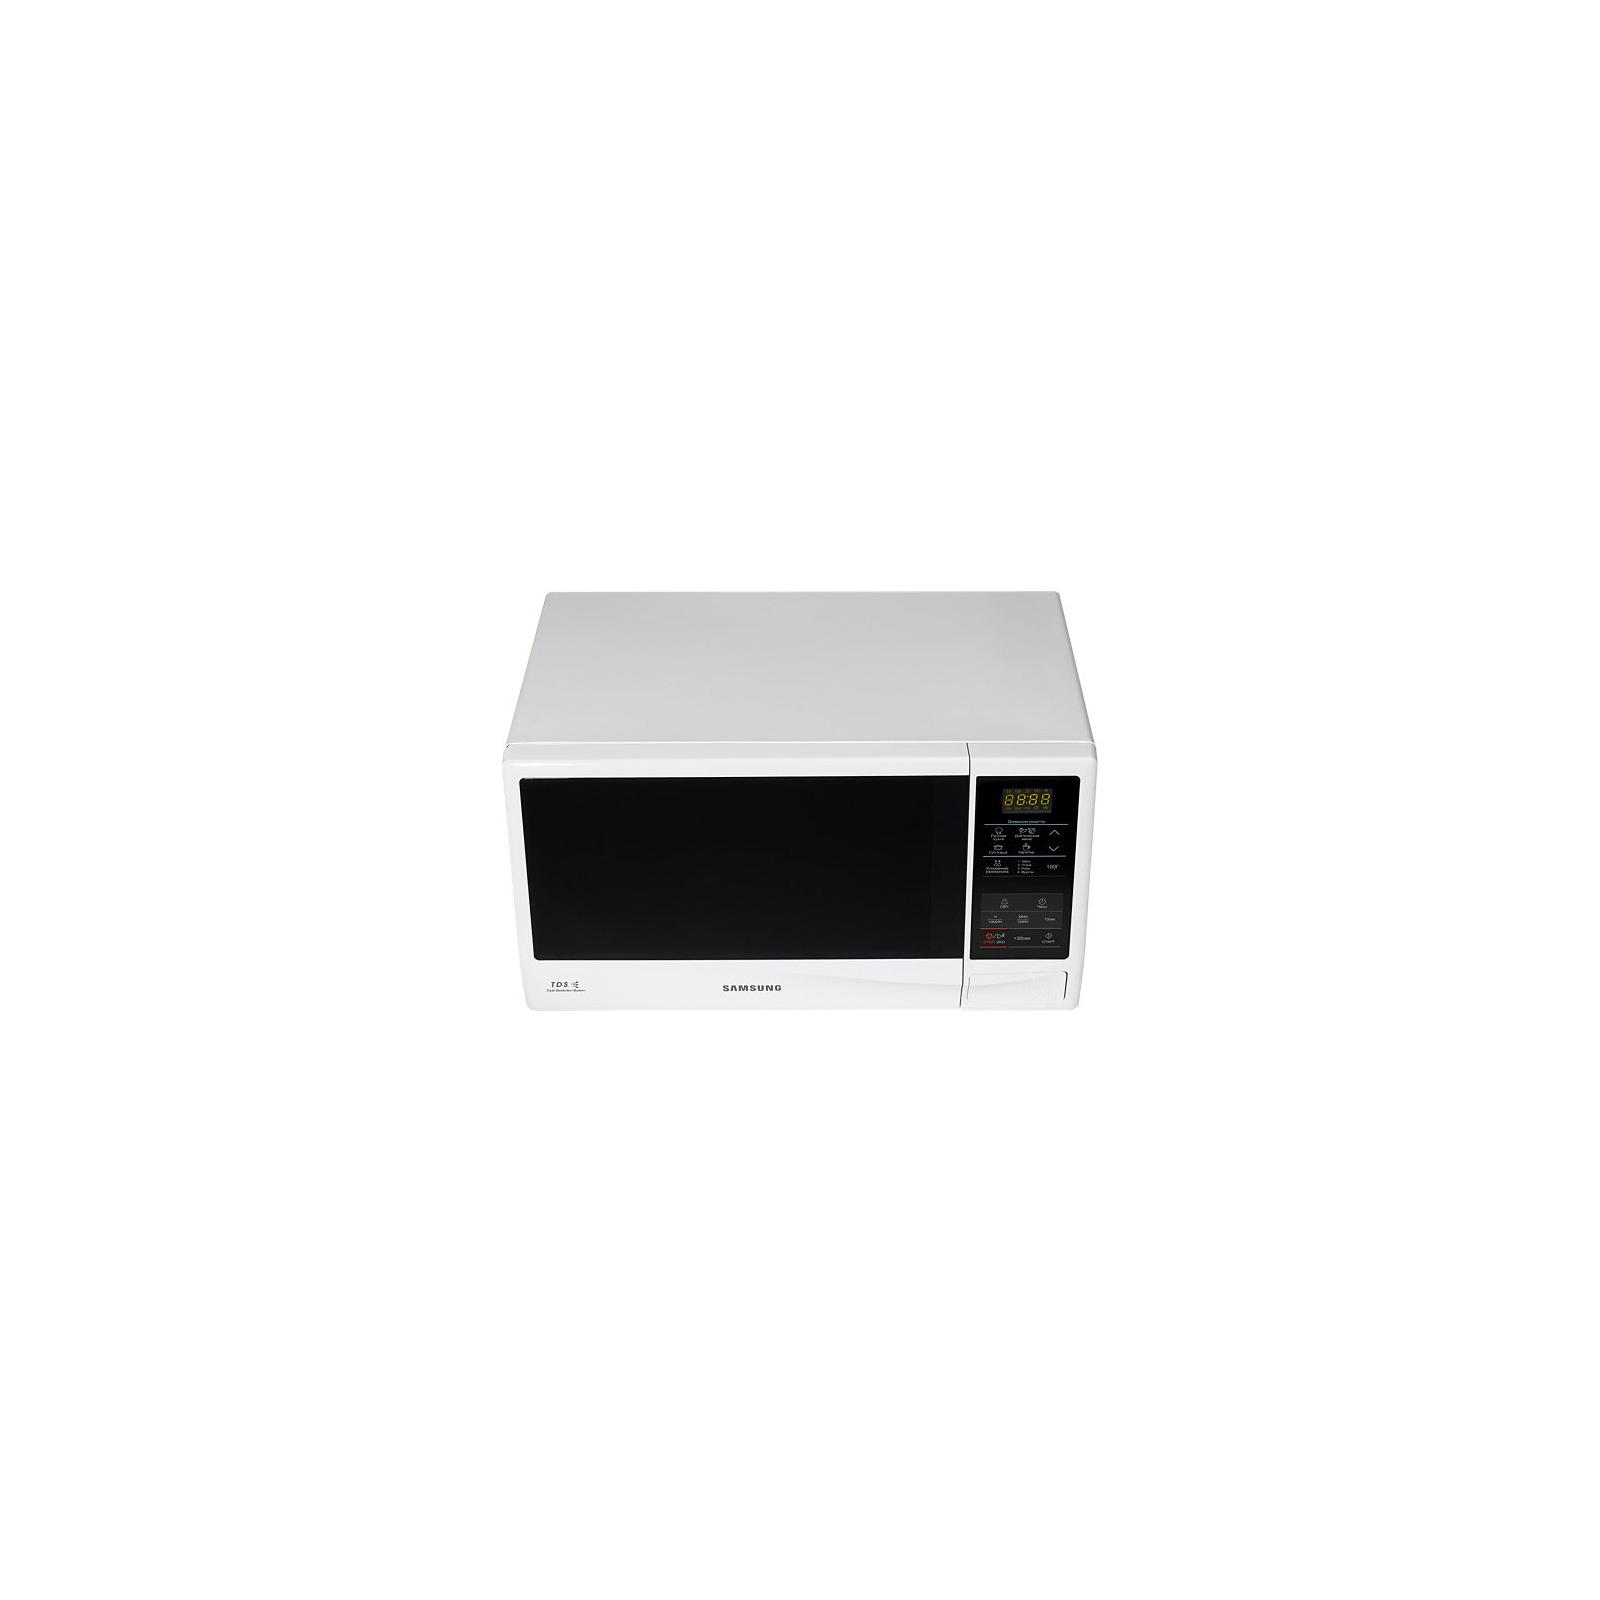 Микроволновая печь Samsung ME 83 KRW-2 (ME83KRW-2) изображение 4